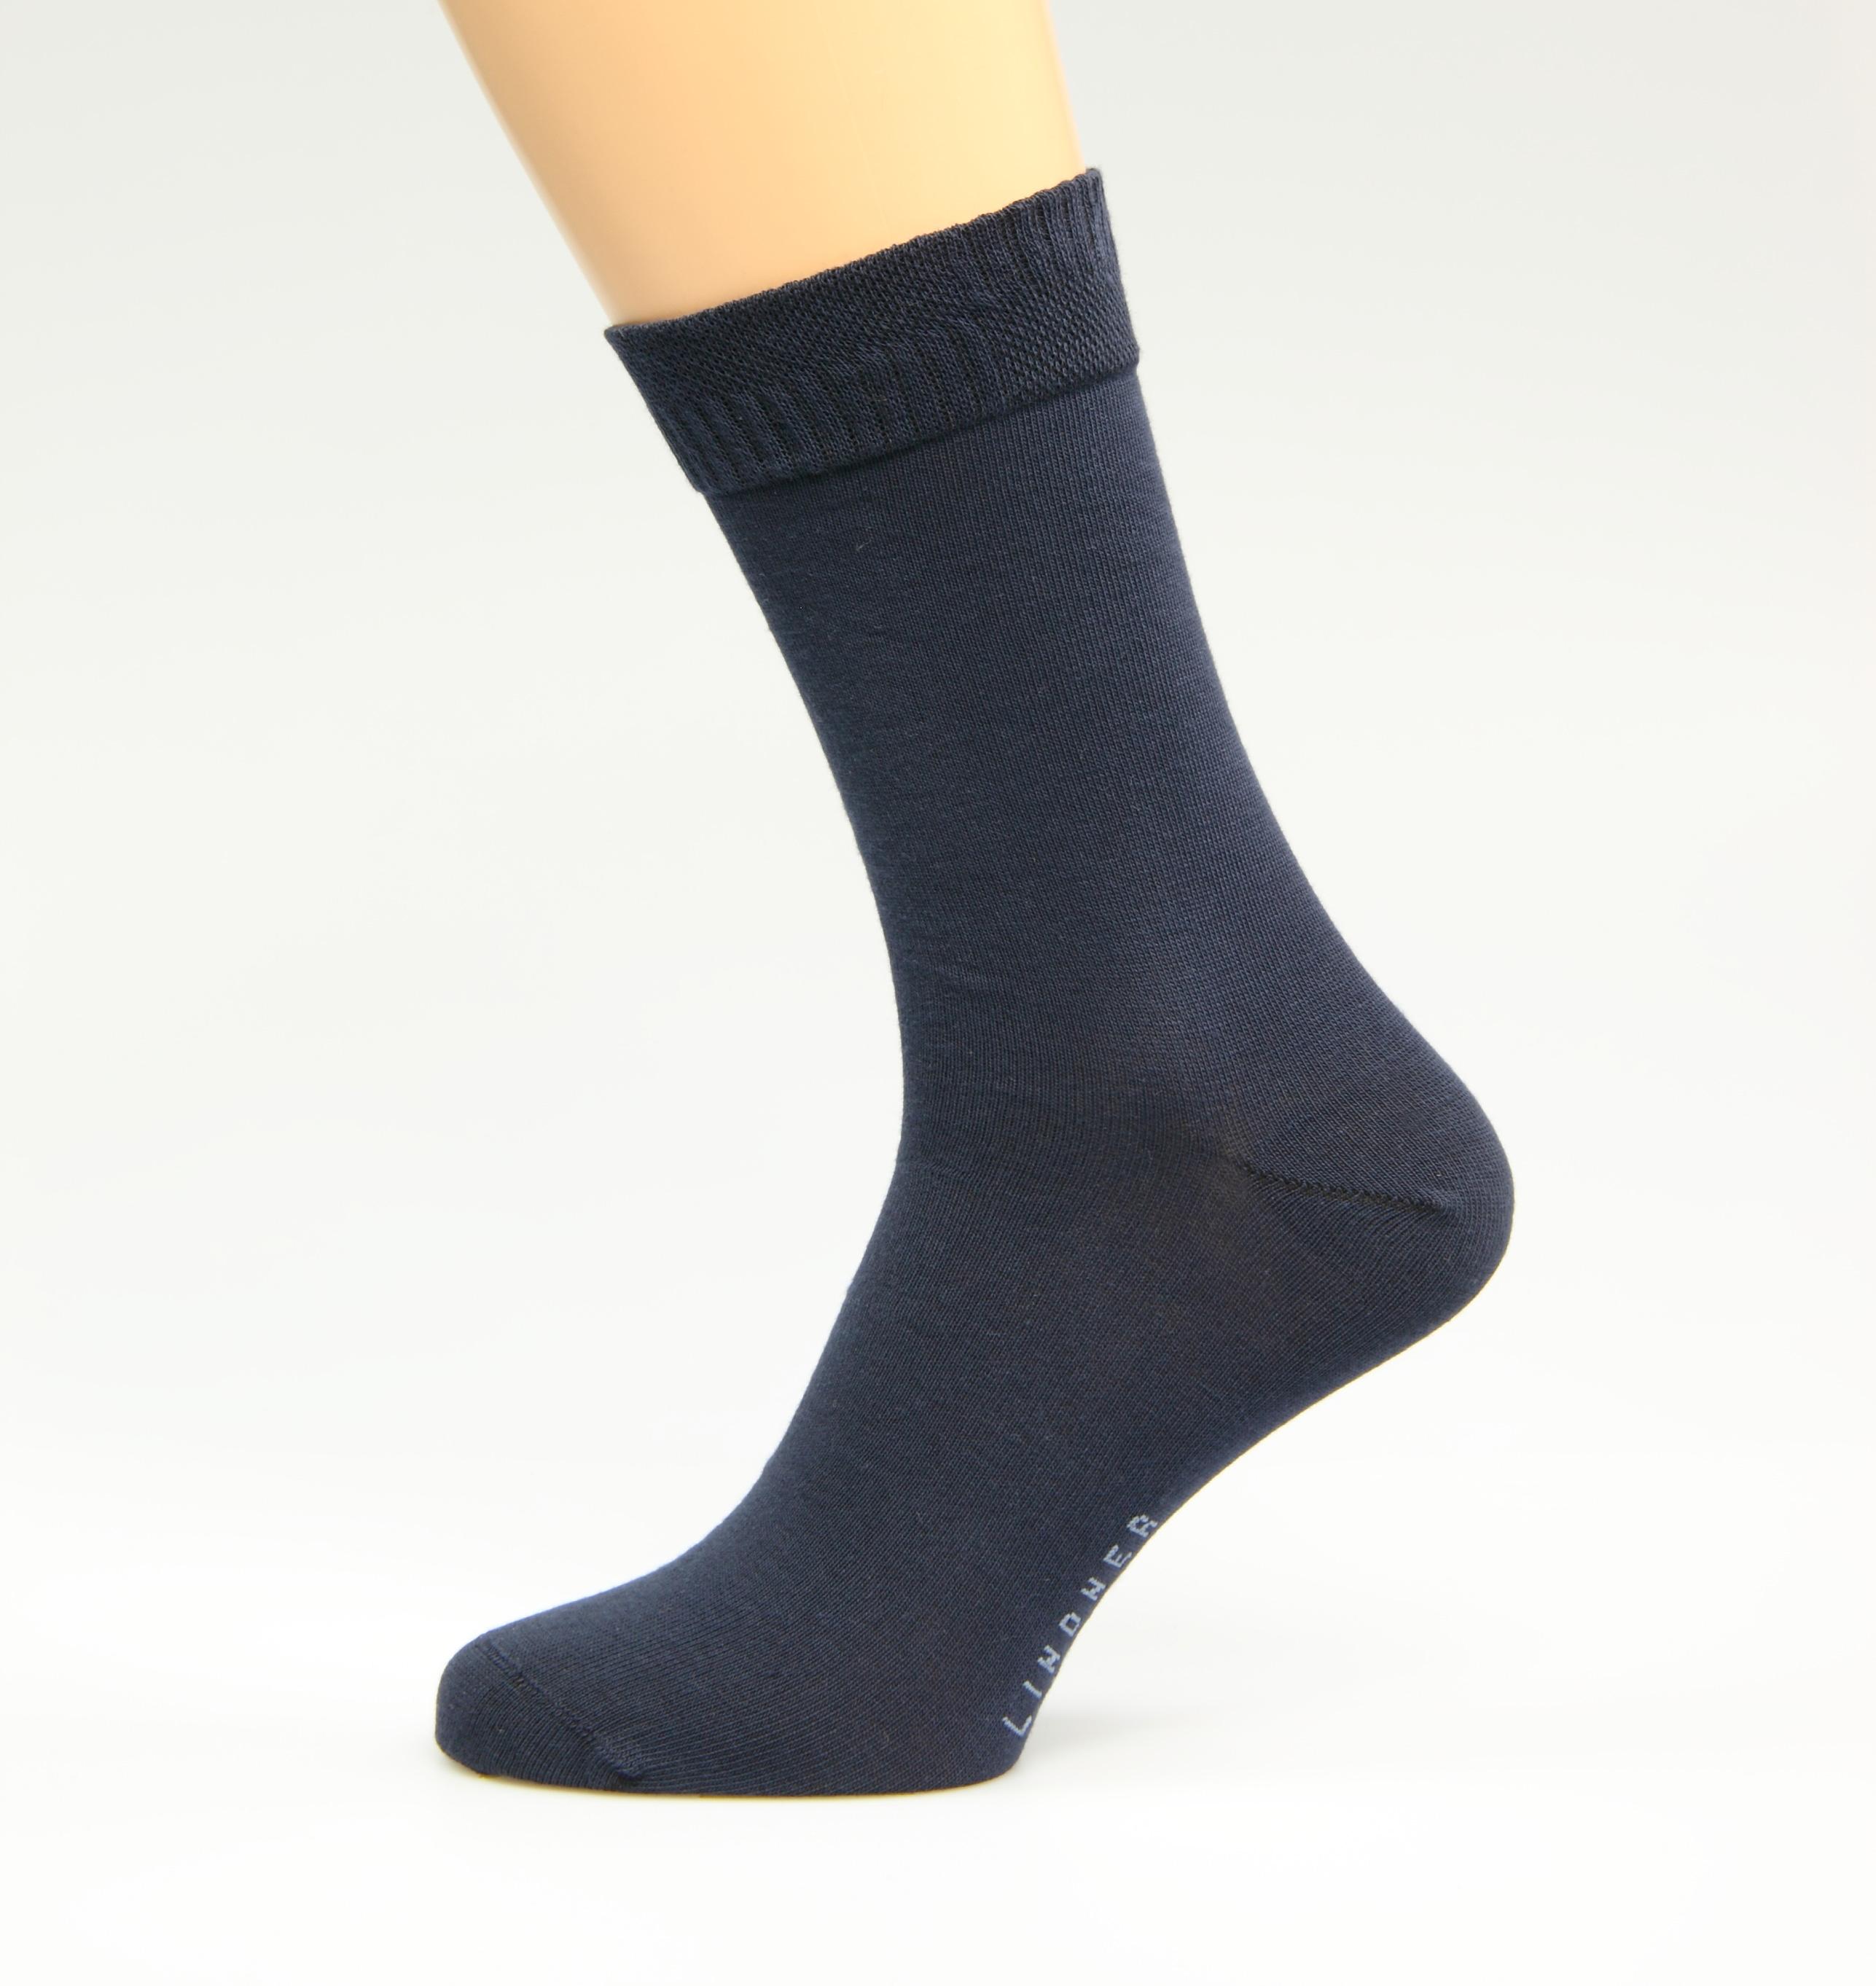 Diabetiker-Socken-blau-Gr-sse-42-44